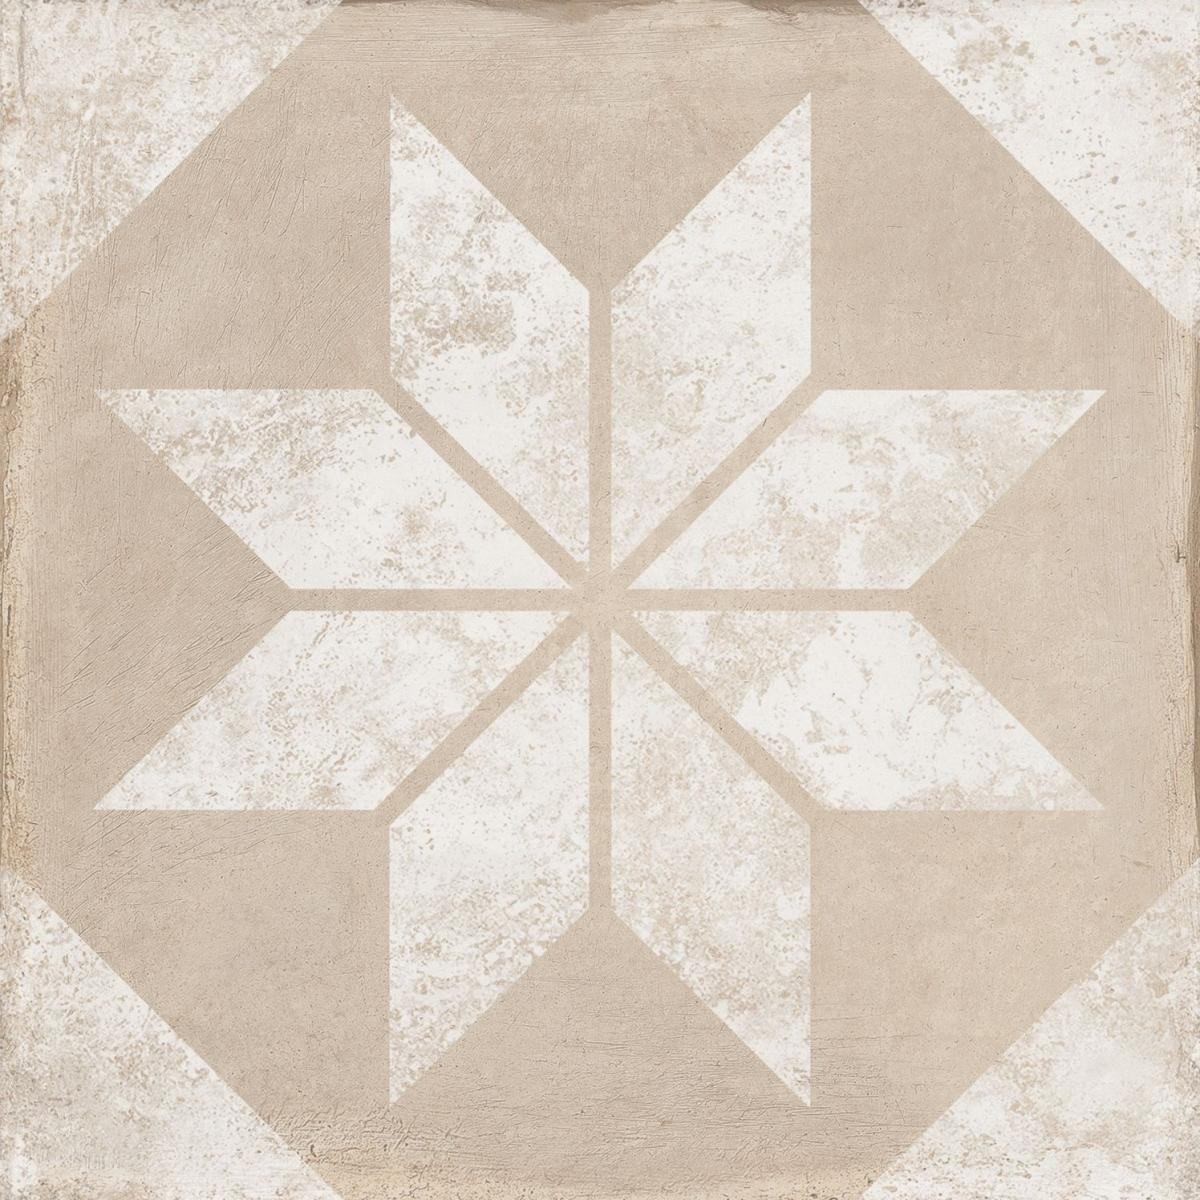 Triana Star Beige 25x25 (m2) - Serie Triana - Marca Keros Cerámica